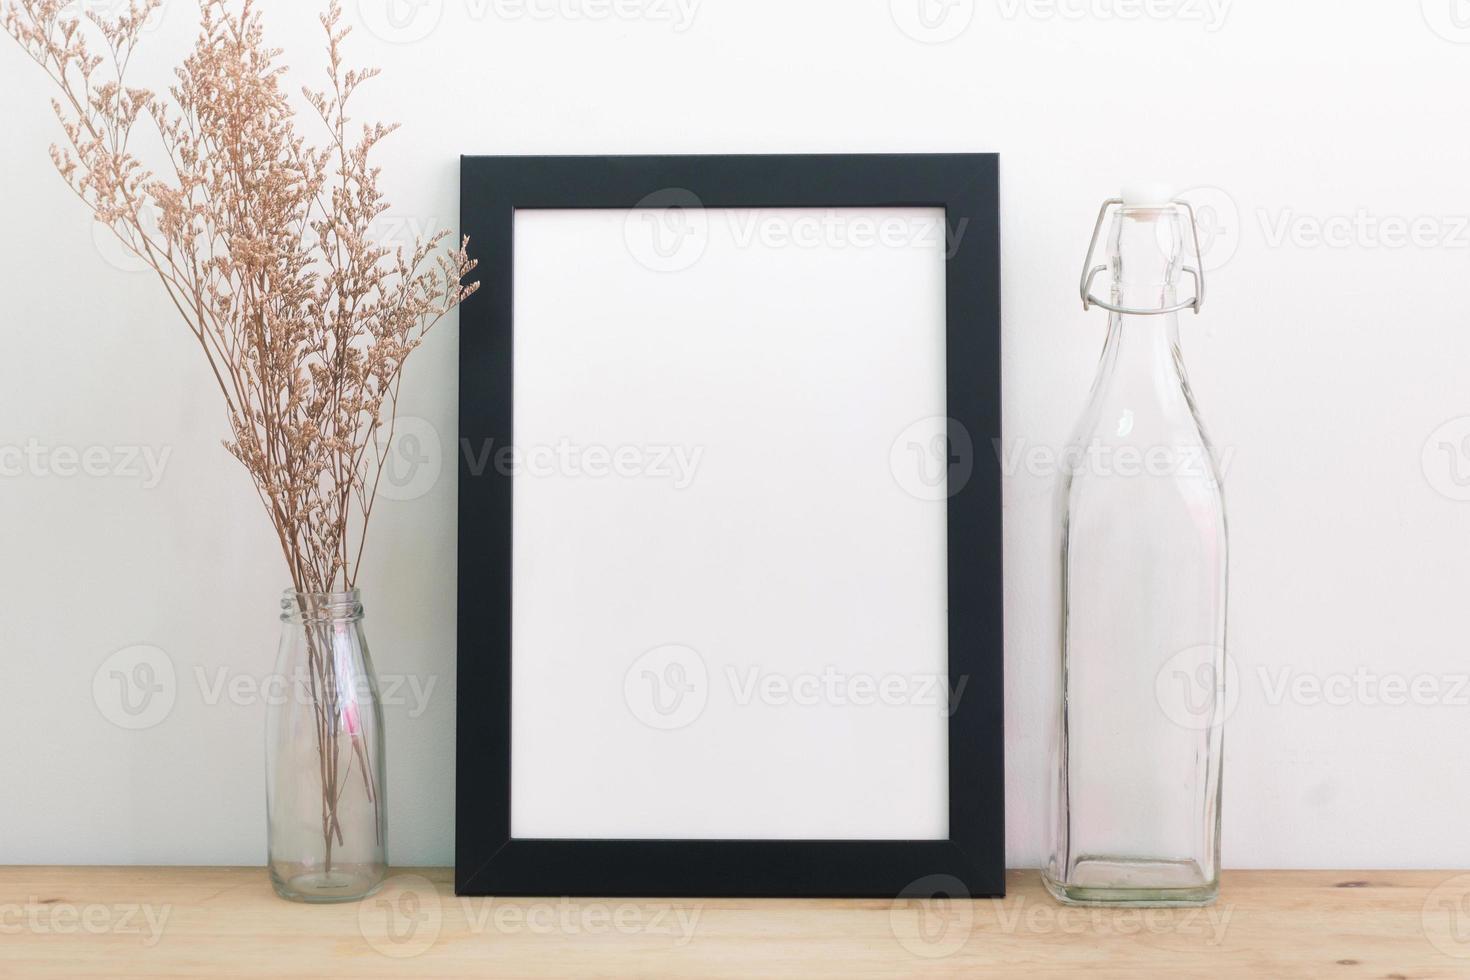 cornice nera vuota sul muro e sul pavimento foto